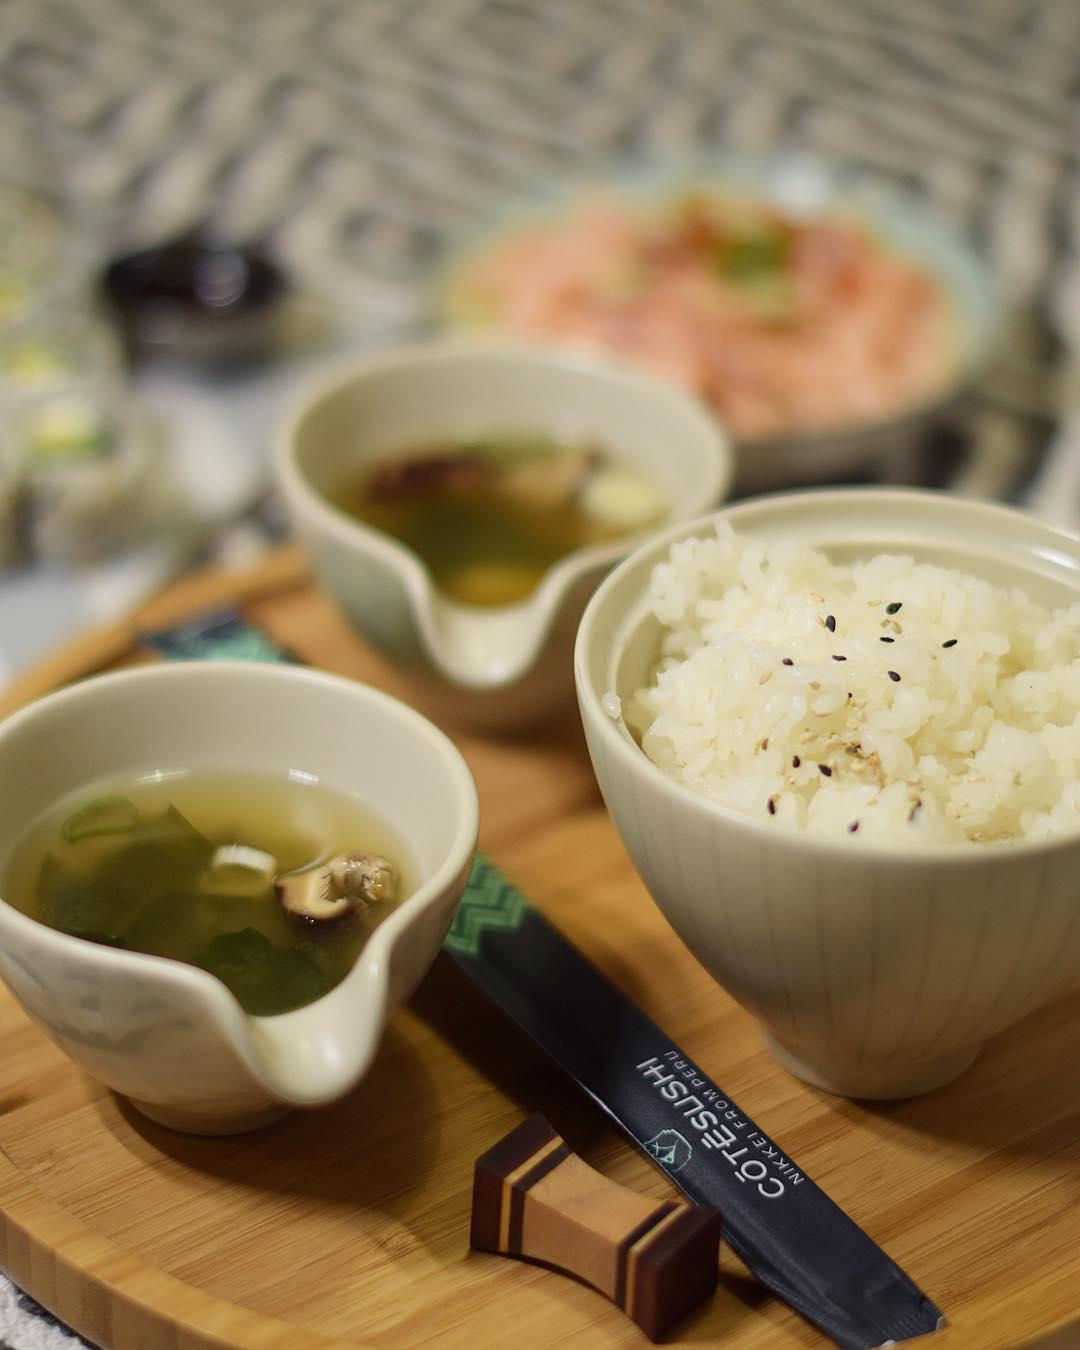 SUSHI TIME ? ce soir je teste @cotesushi_france ?? enfin de bons sushis à Montpellier ... mais pas que! Car ce sont des spécialités japonaises ET péruviennes ?? ?? . . . ? -10% avec le code promo : PINTADE10 _____________ #cotesushi #sushi #japanfood #peruvianfood #blogfood #foodblog #pintademontpellier #montpellier #instafood #foodlover #soup #miso #ceviche #maki #california #nikkei #nikkeifromperu #cotesushimontpellier #nikkeifood #codepromo